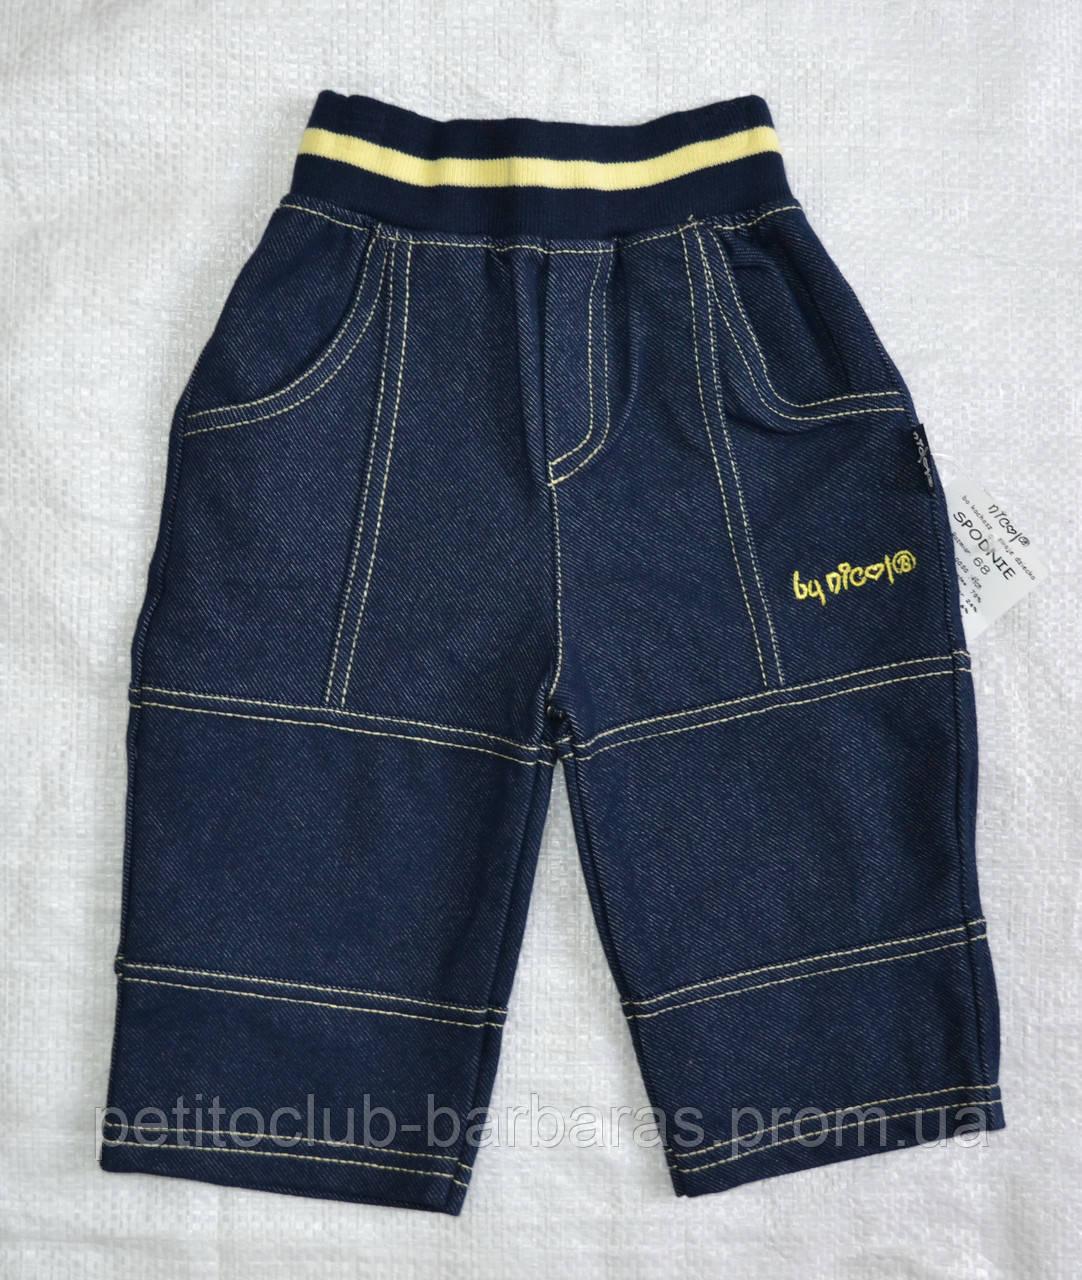 Детские штаны трикотажные Чемпион р. 68-86 см (Nicol, Польша)